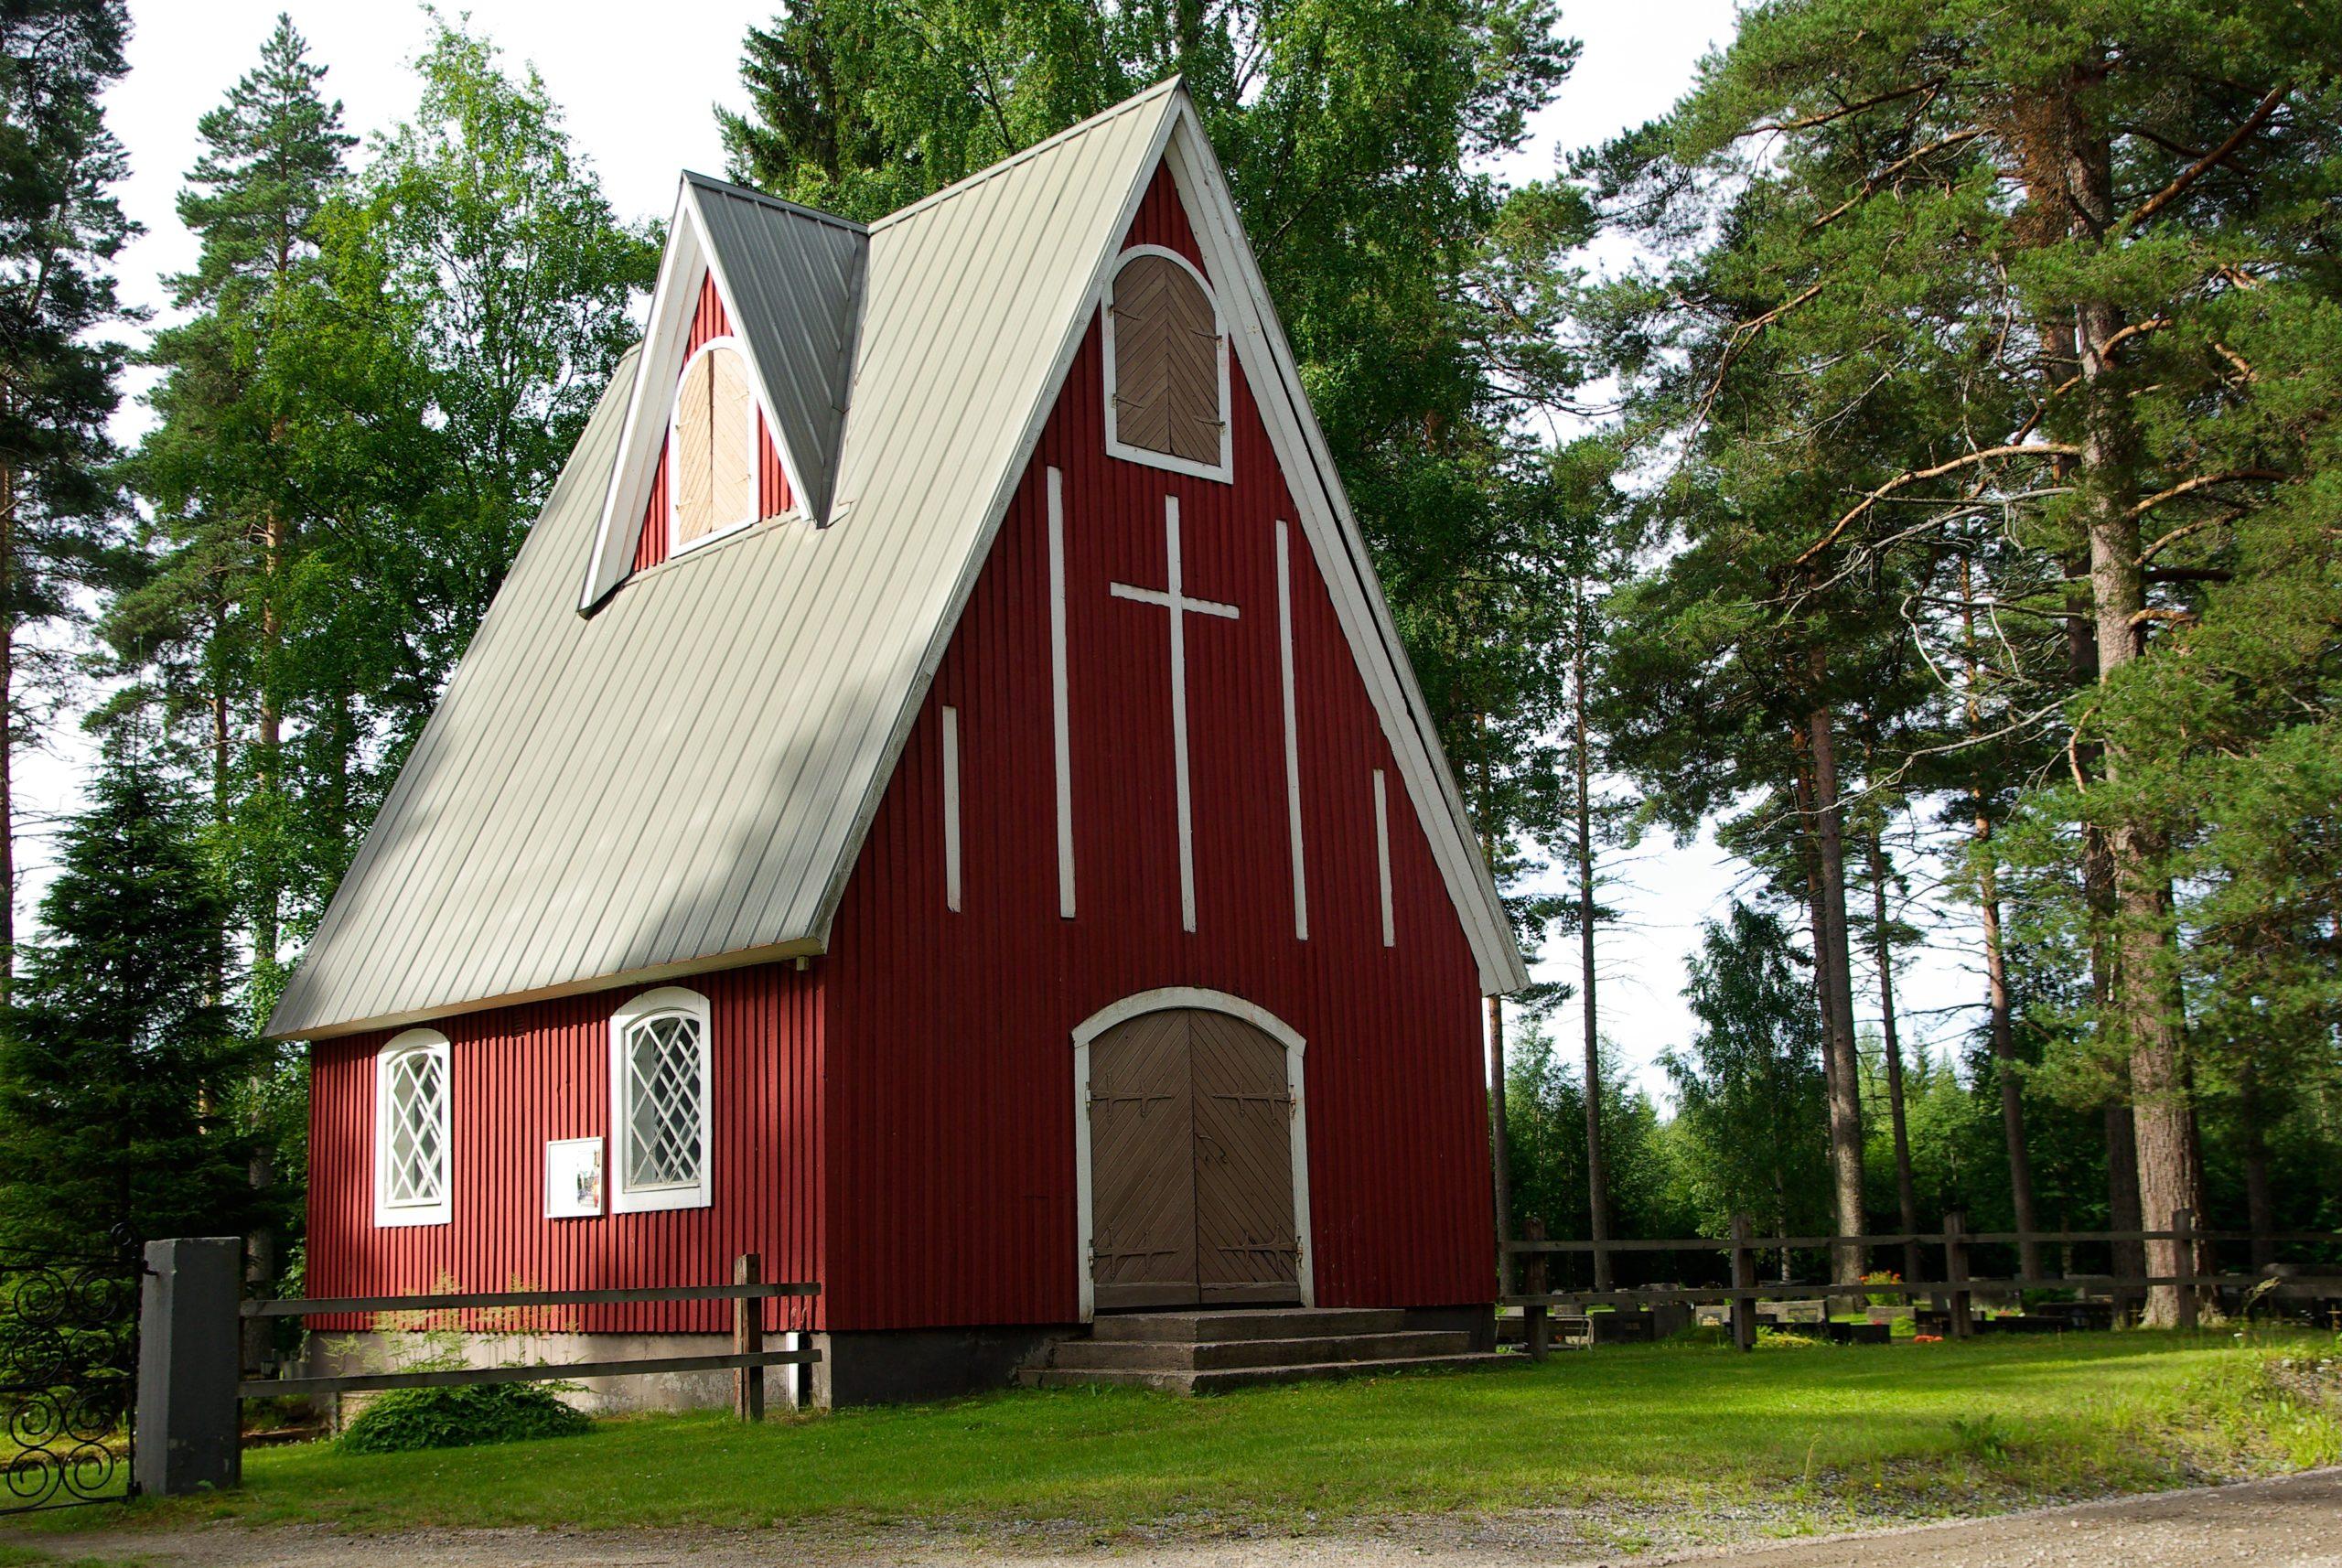 Maedlsreise/ Finnland